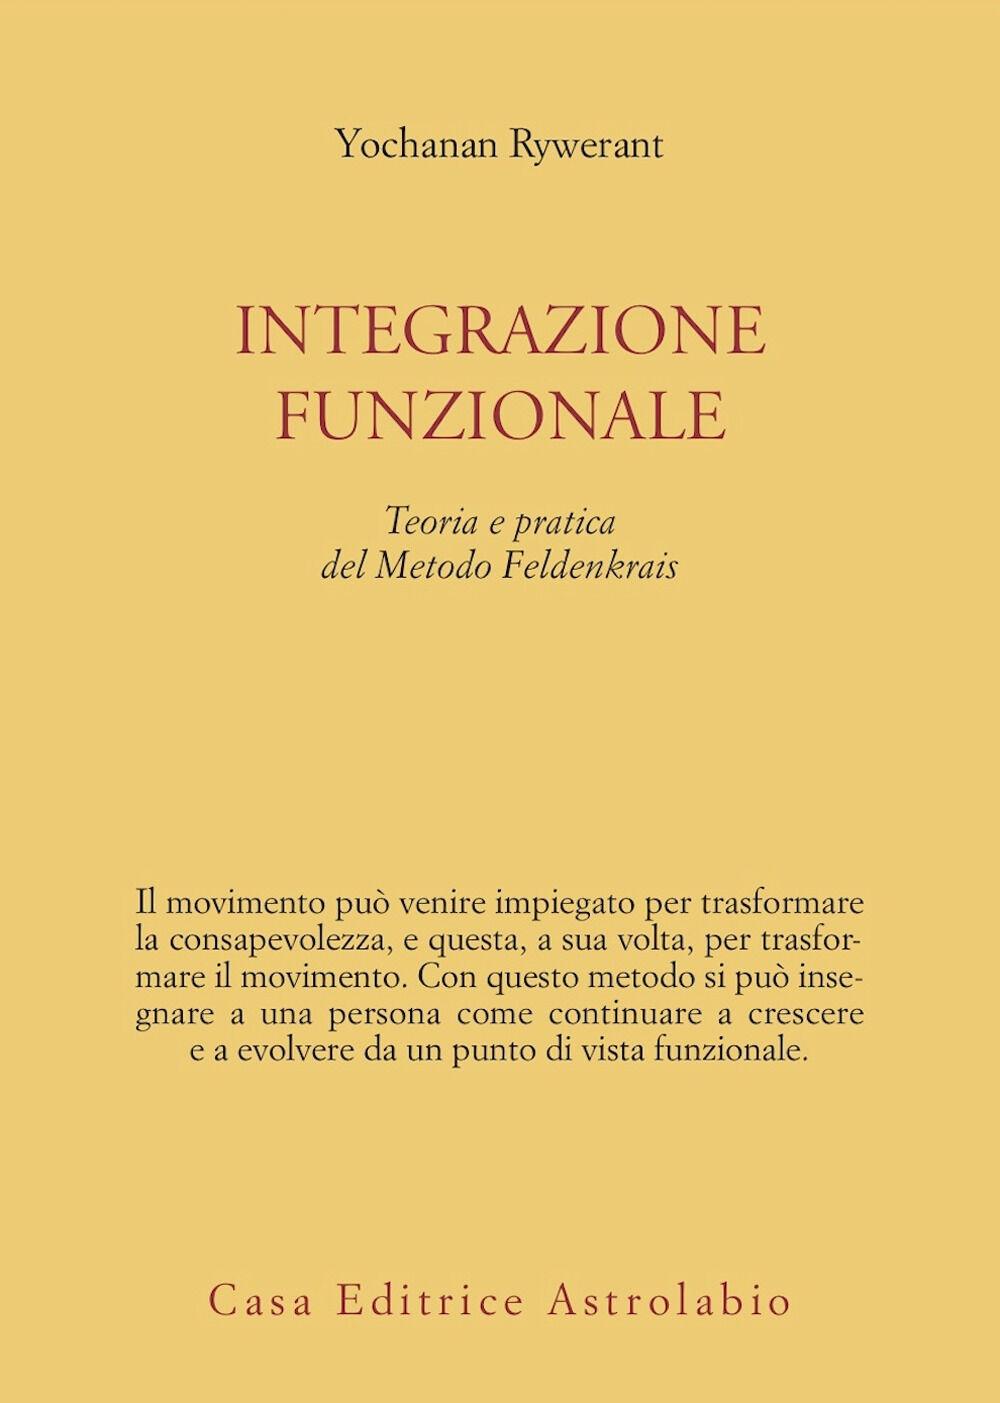 Integrazione funzionale. Teoria e pratica del metodo Feldenkrais